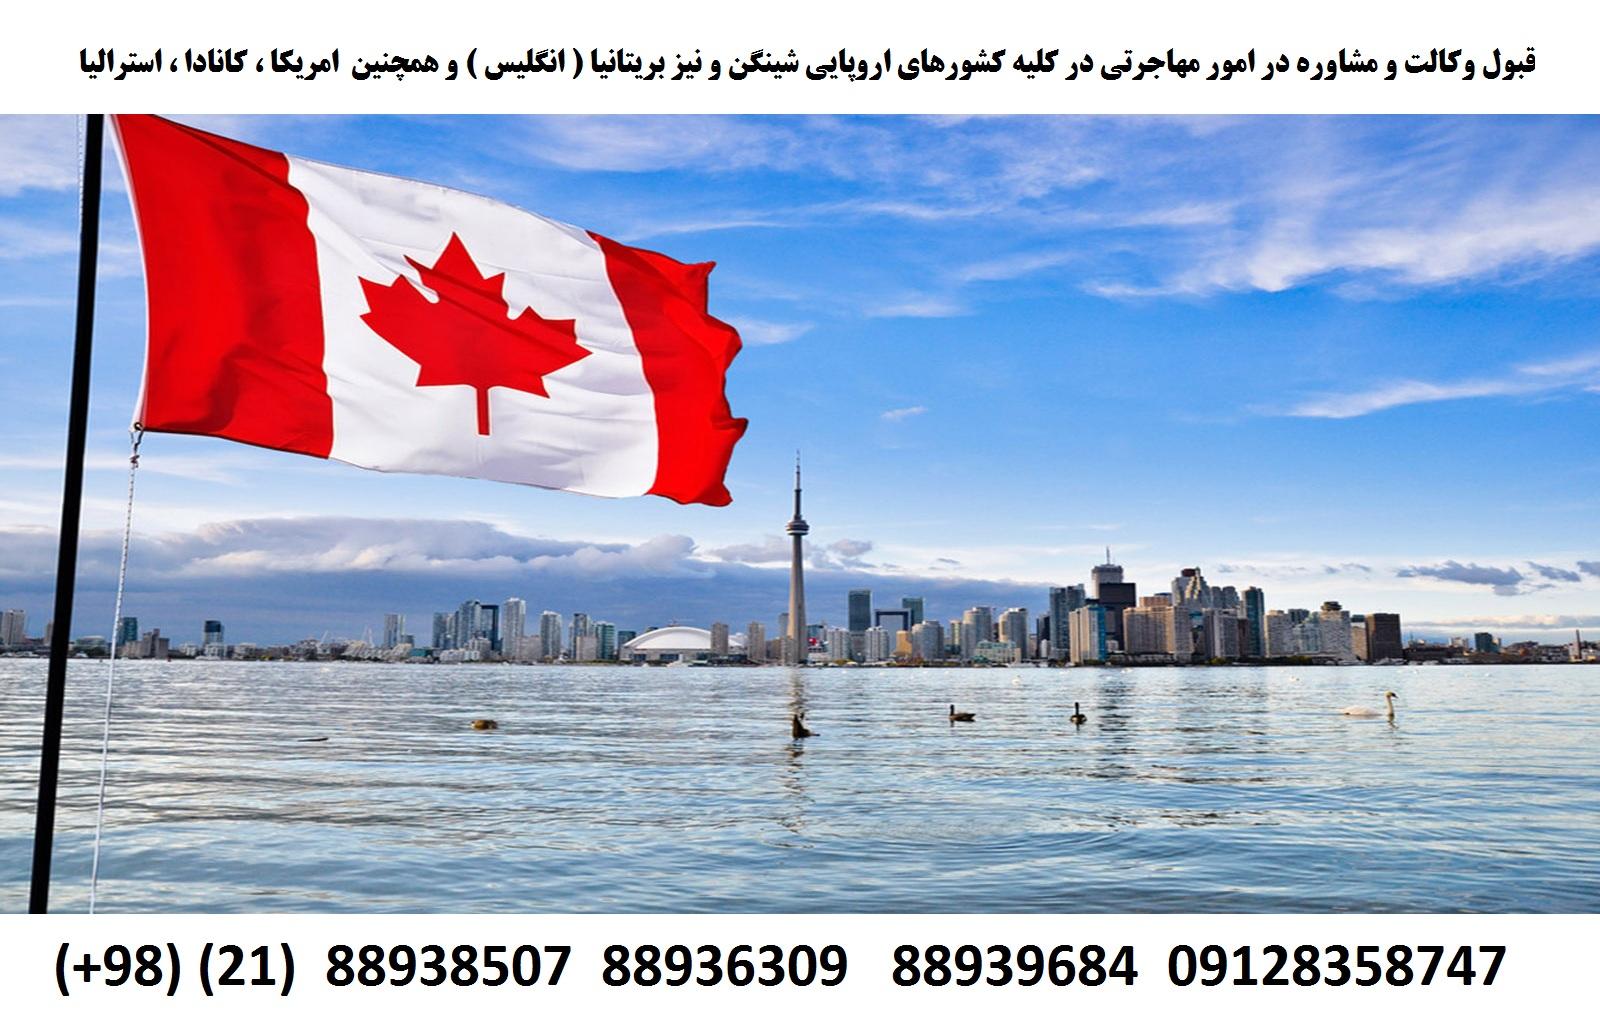 وکیل مهاجرتی در کلیه کشورها (1)